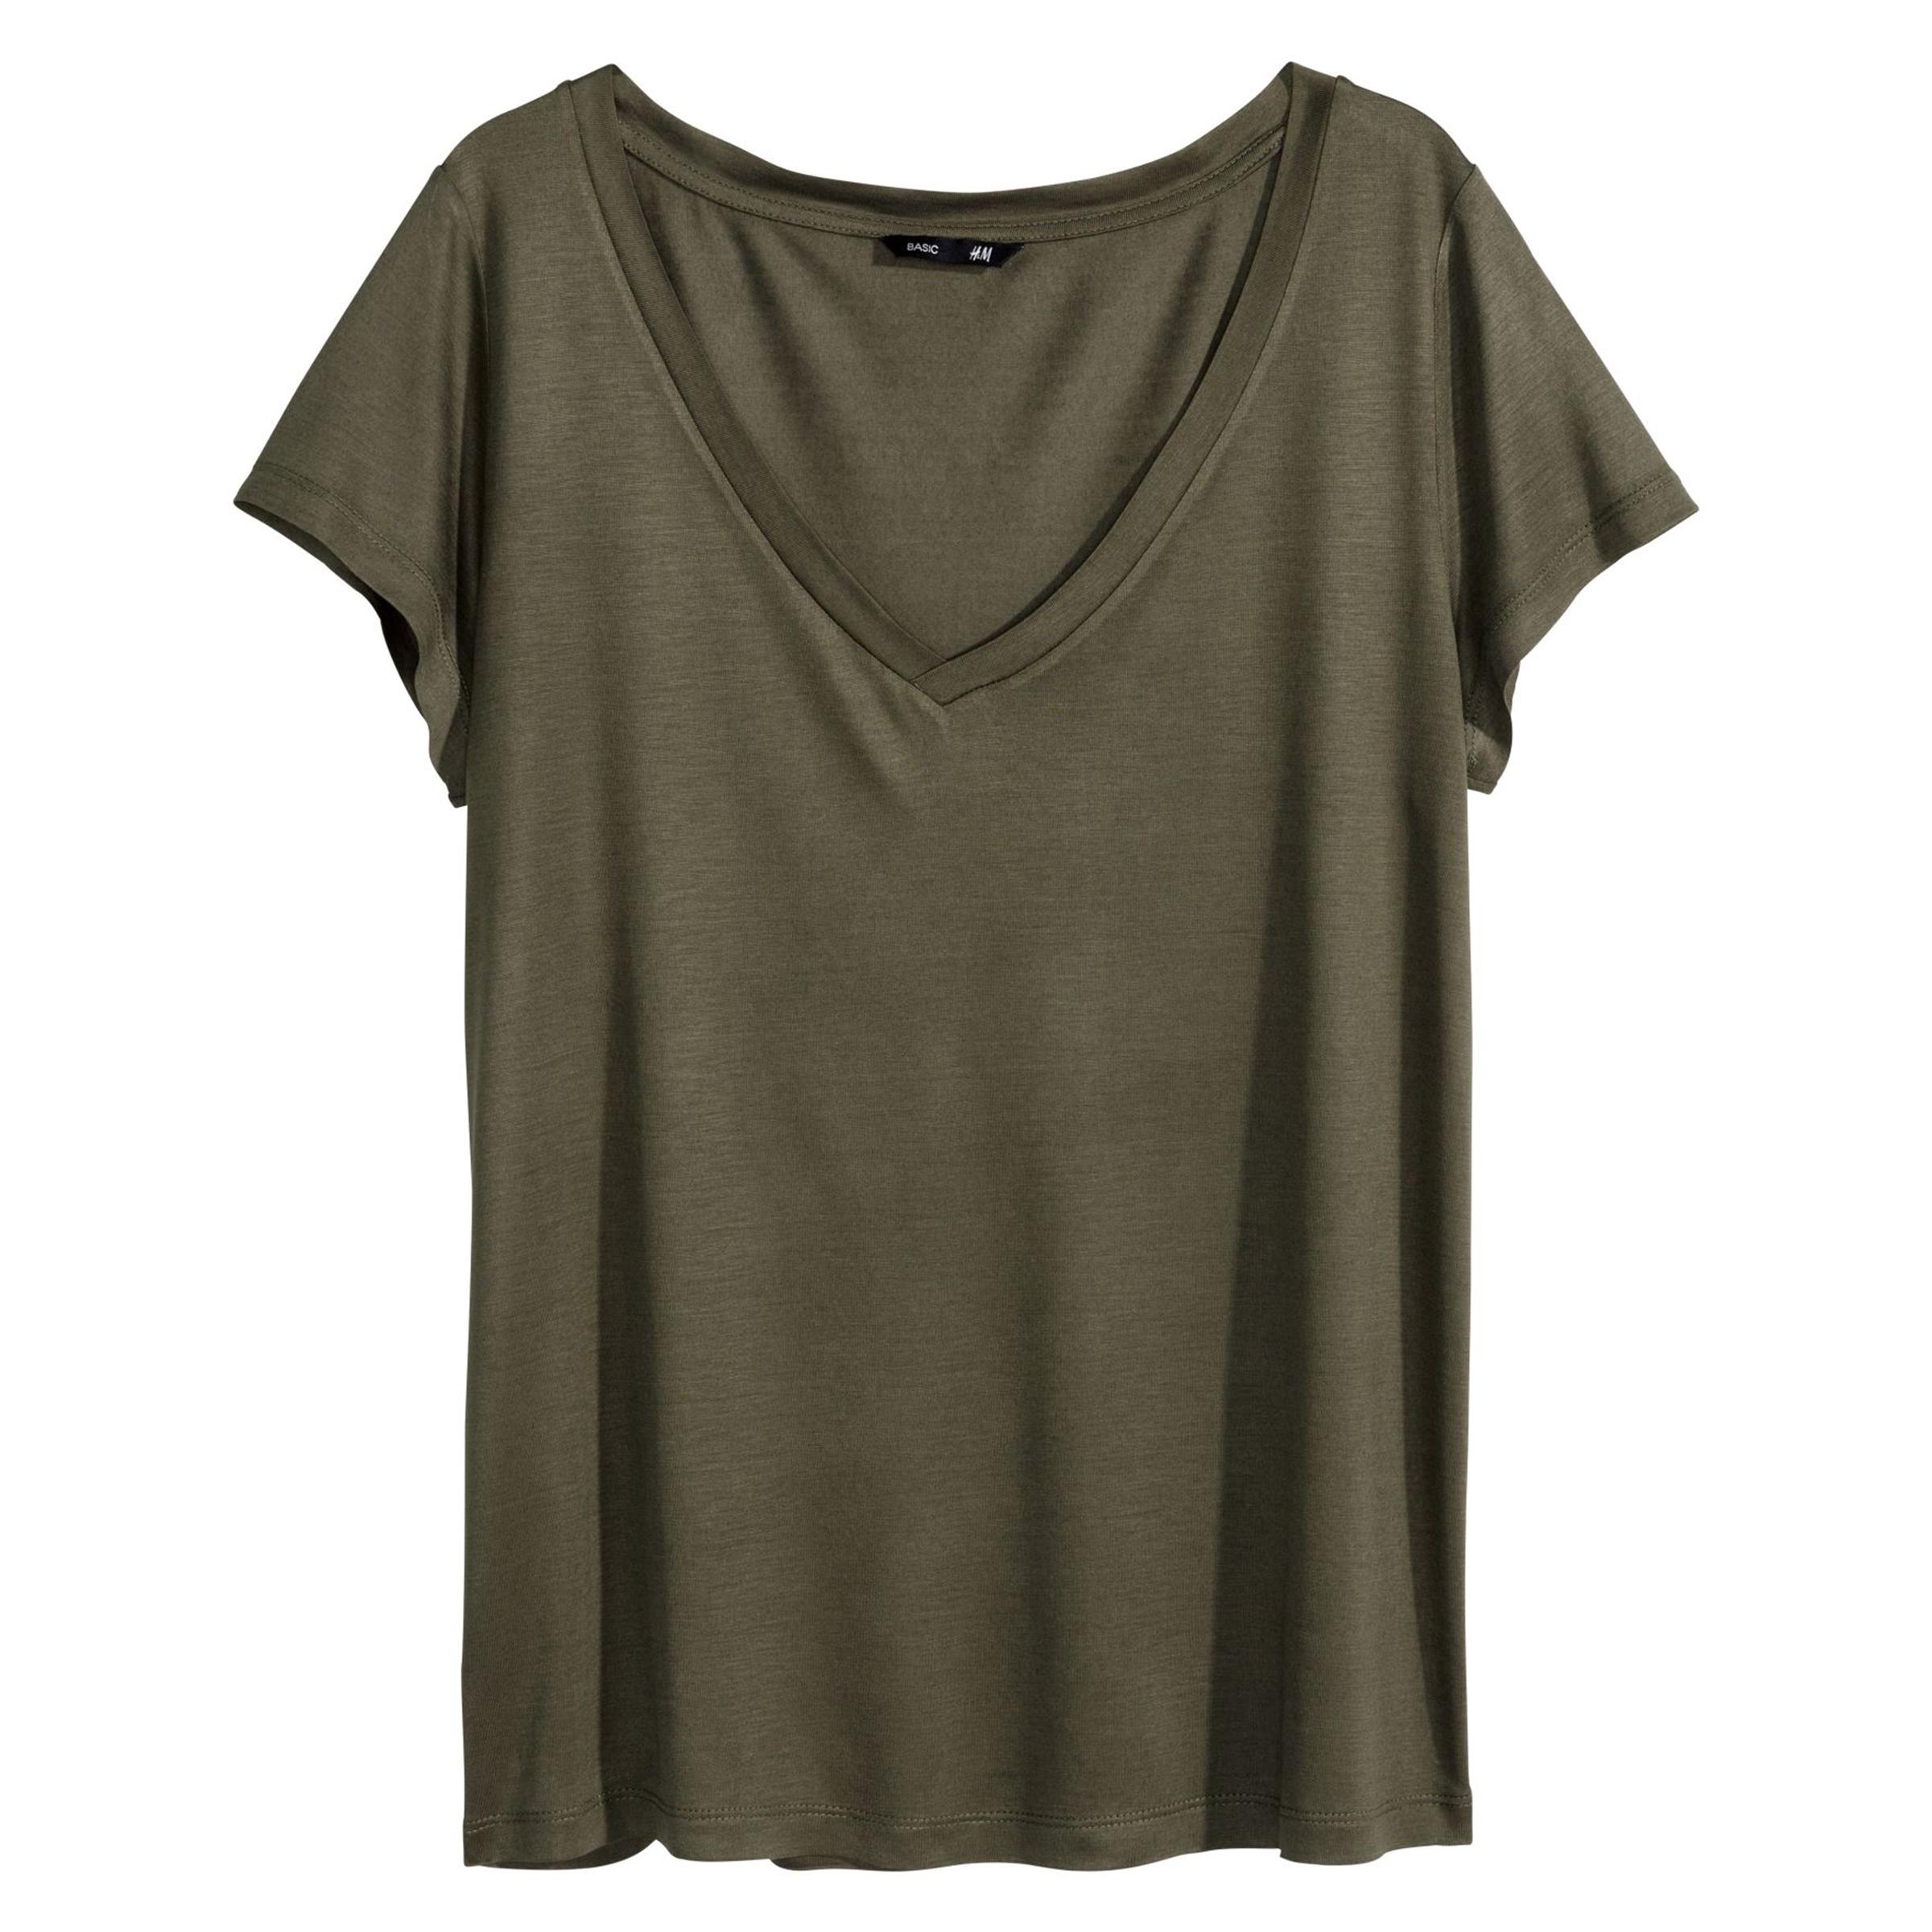 تی شرت آستین کوتاه زنانه اچ اند ام مدل 0257667